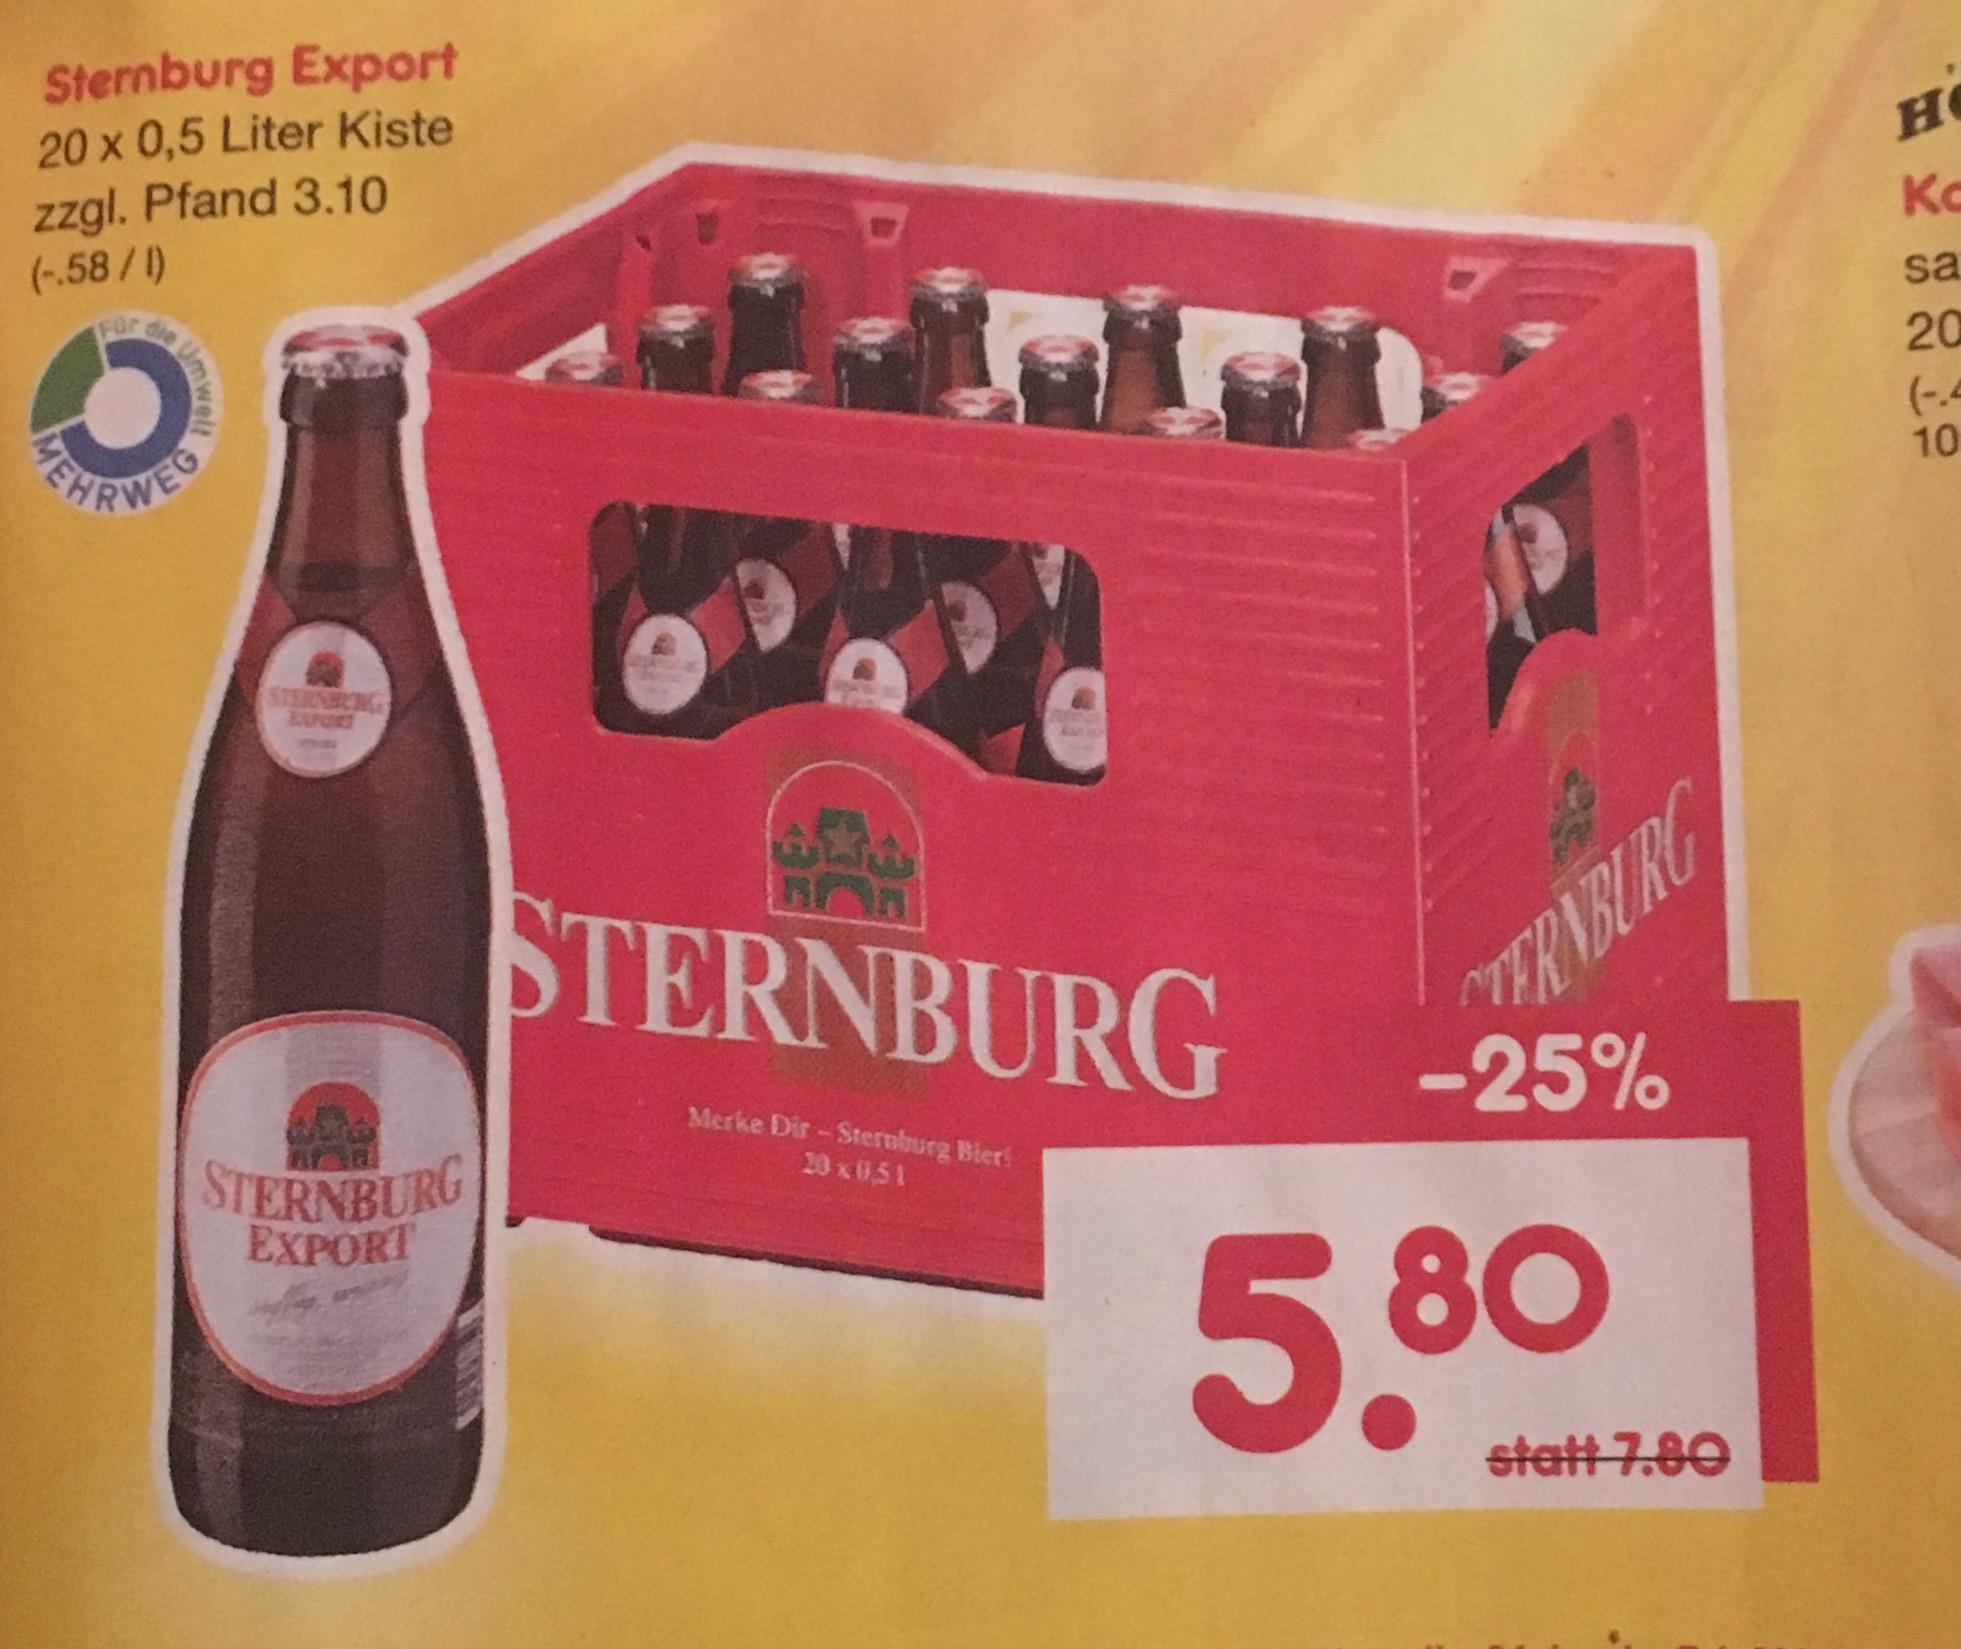 Merke dir: Sternburg Bier! Netto MD Samstagskracher 5,80€ (07.01) oder ganzwöchig Rewe für 6€